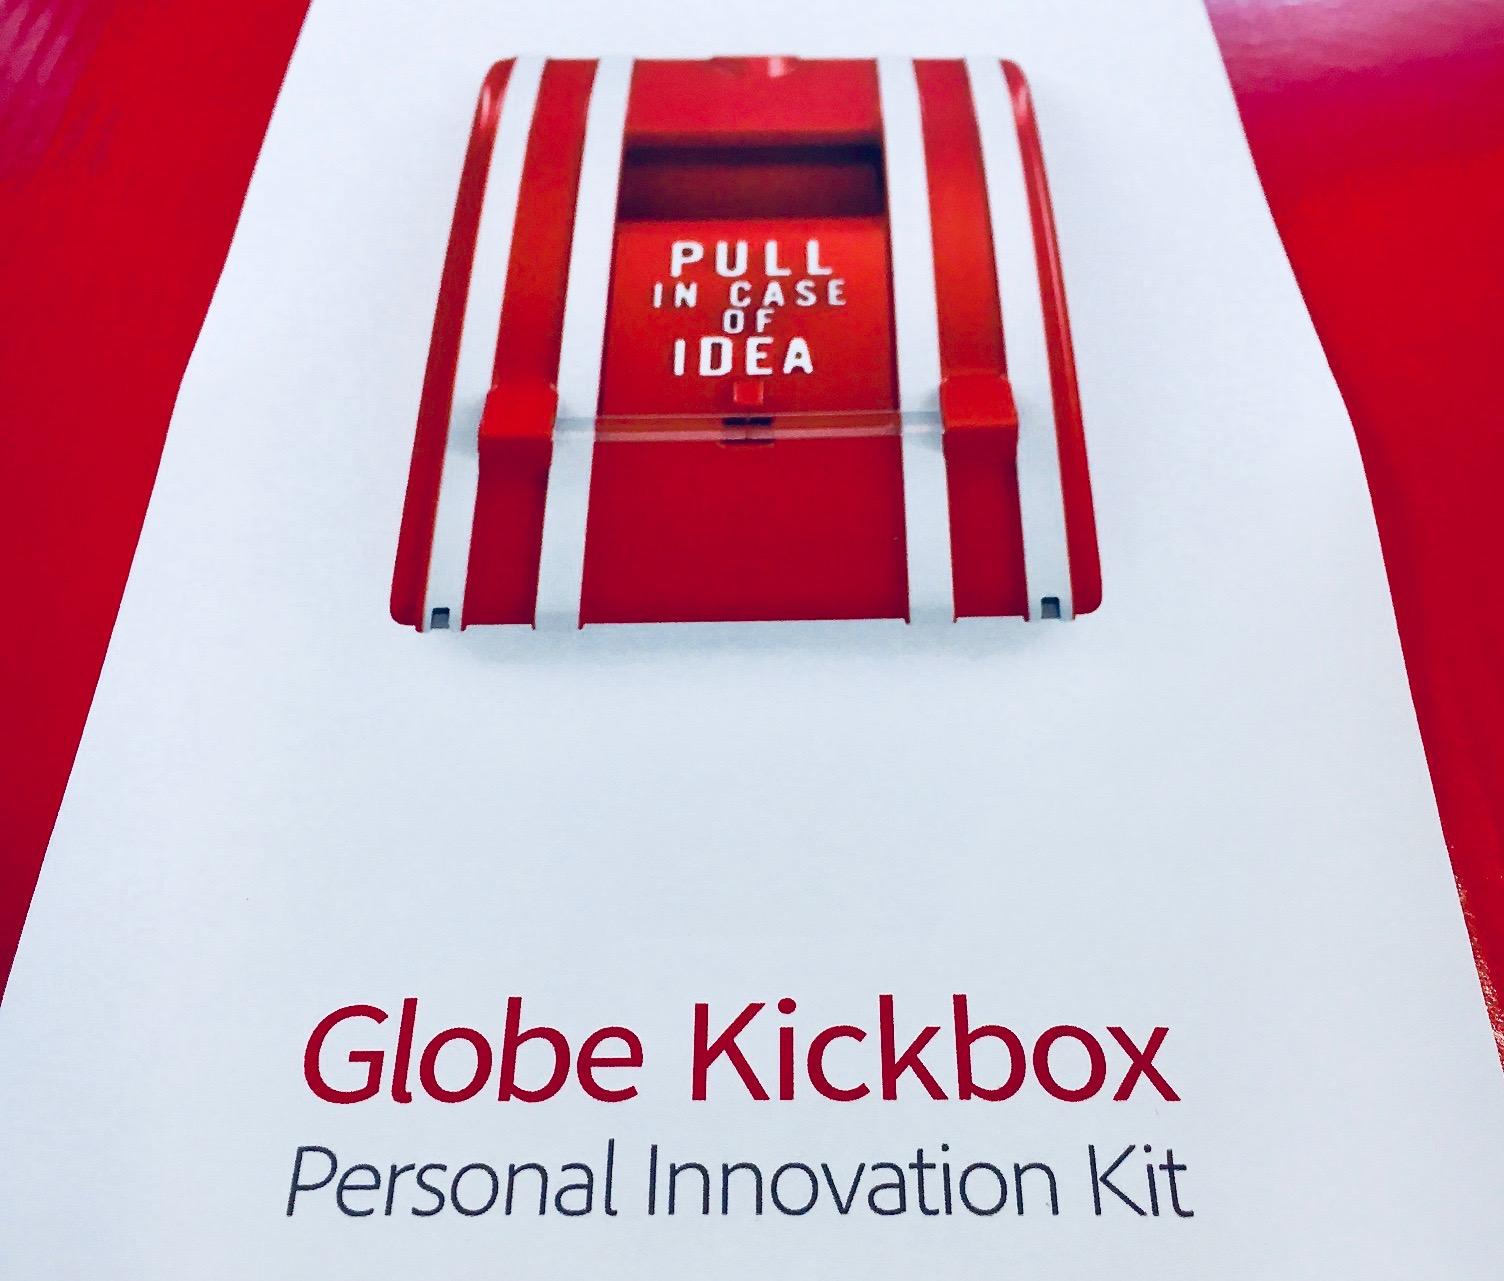 Globe kickbox (1).jpg